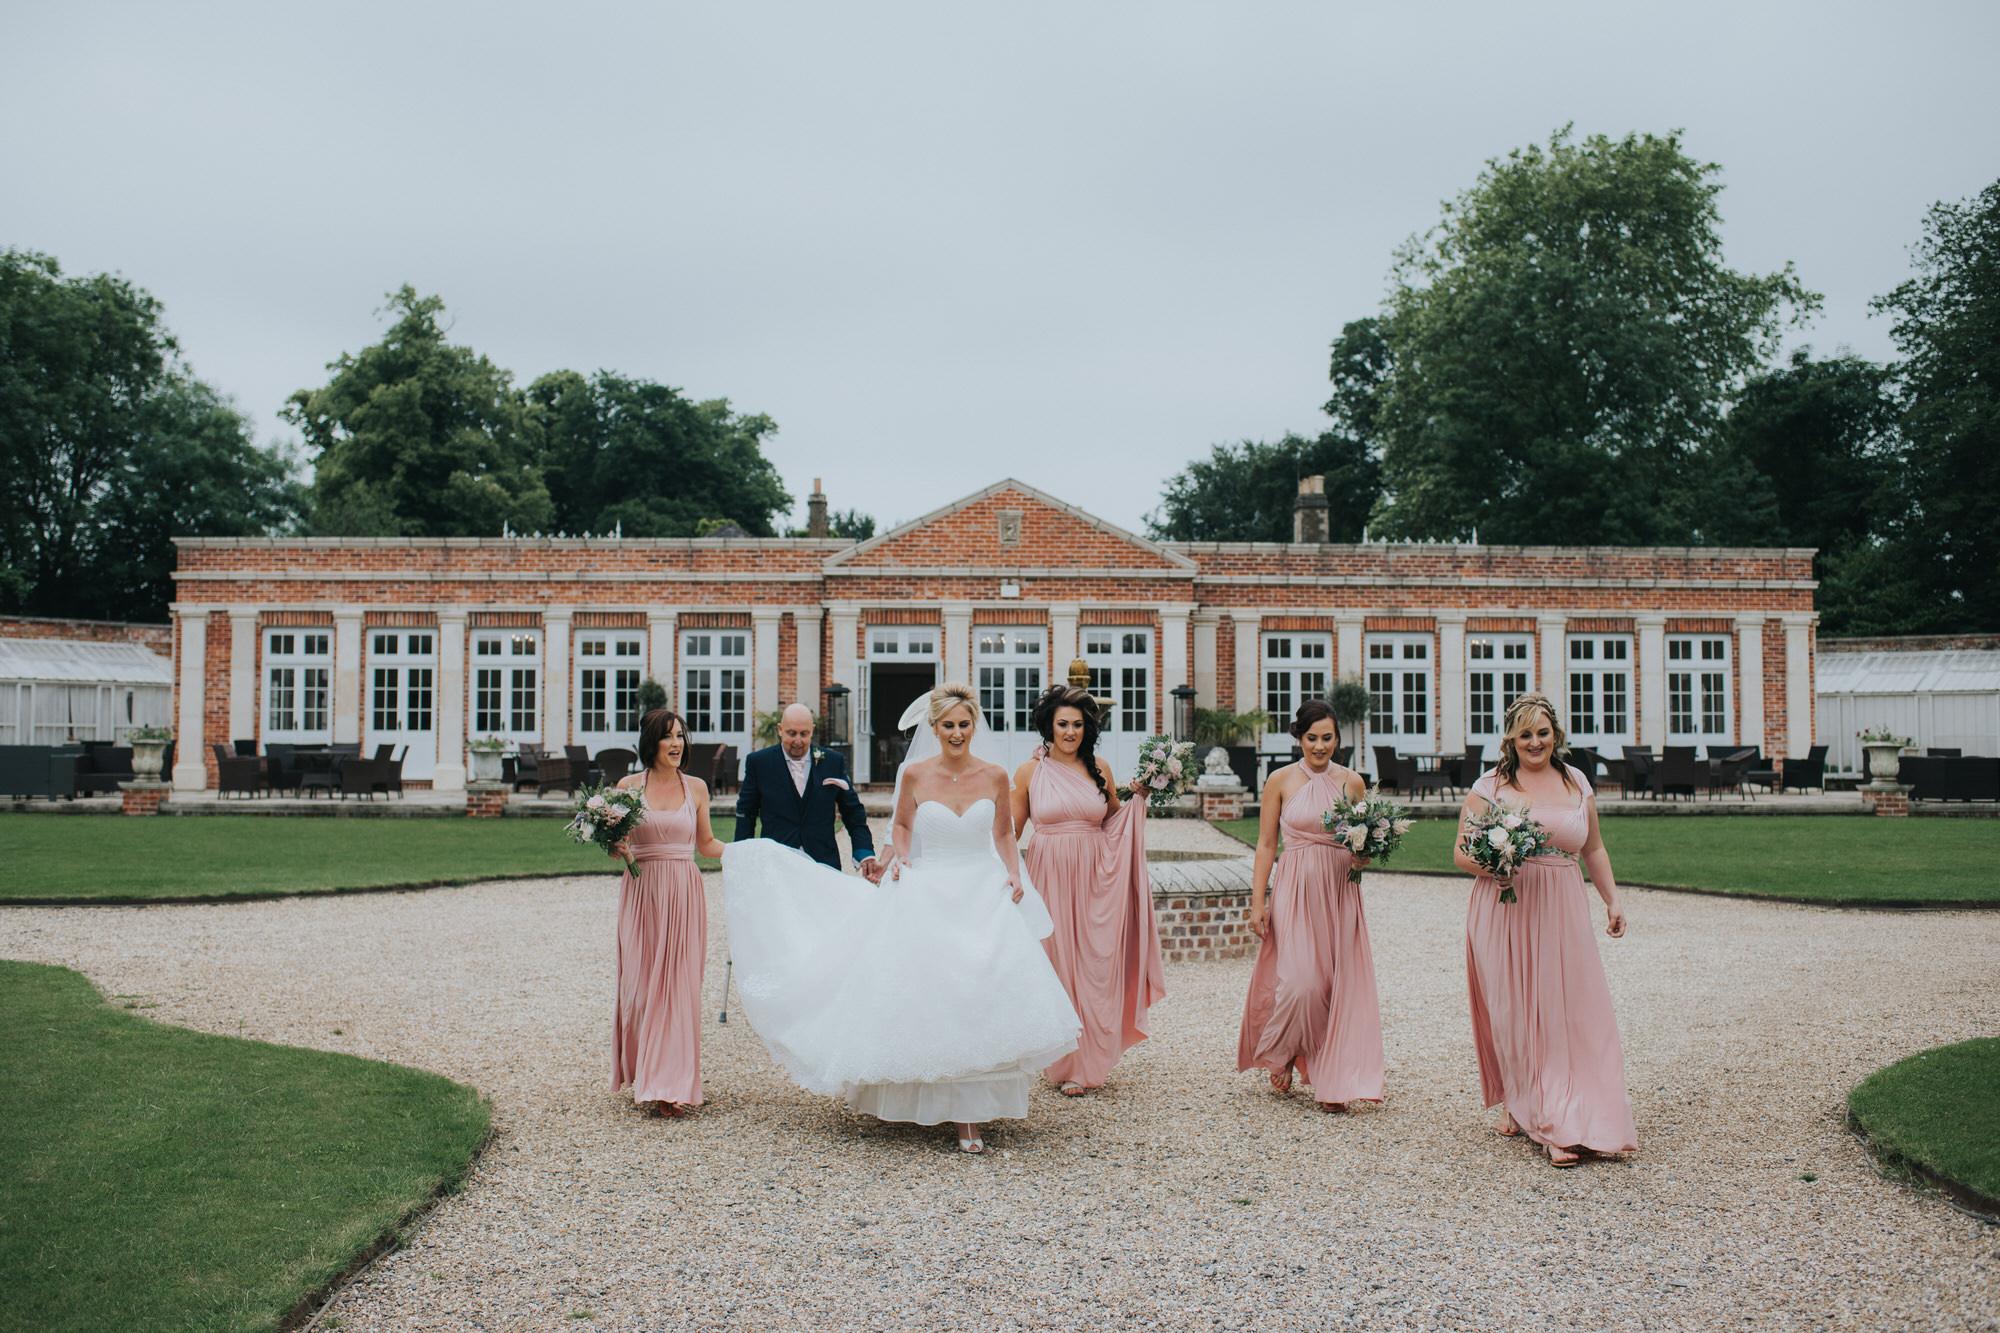 Elmhay Park Bride